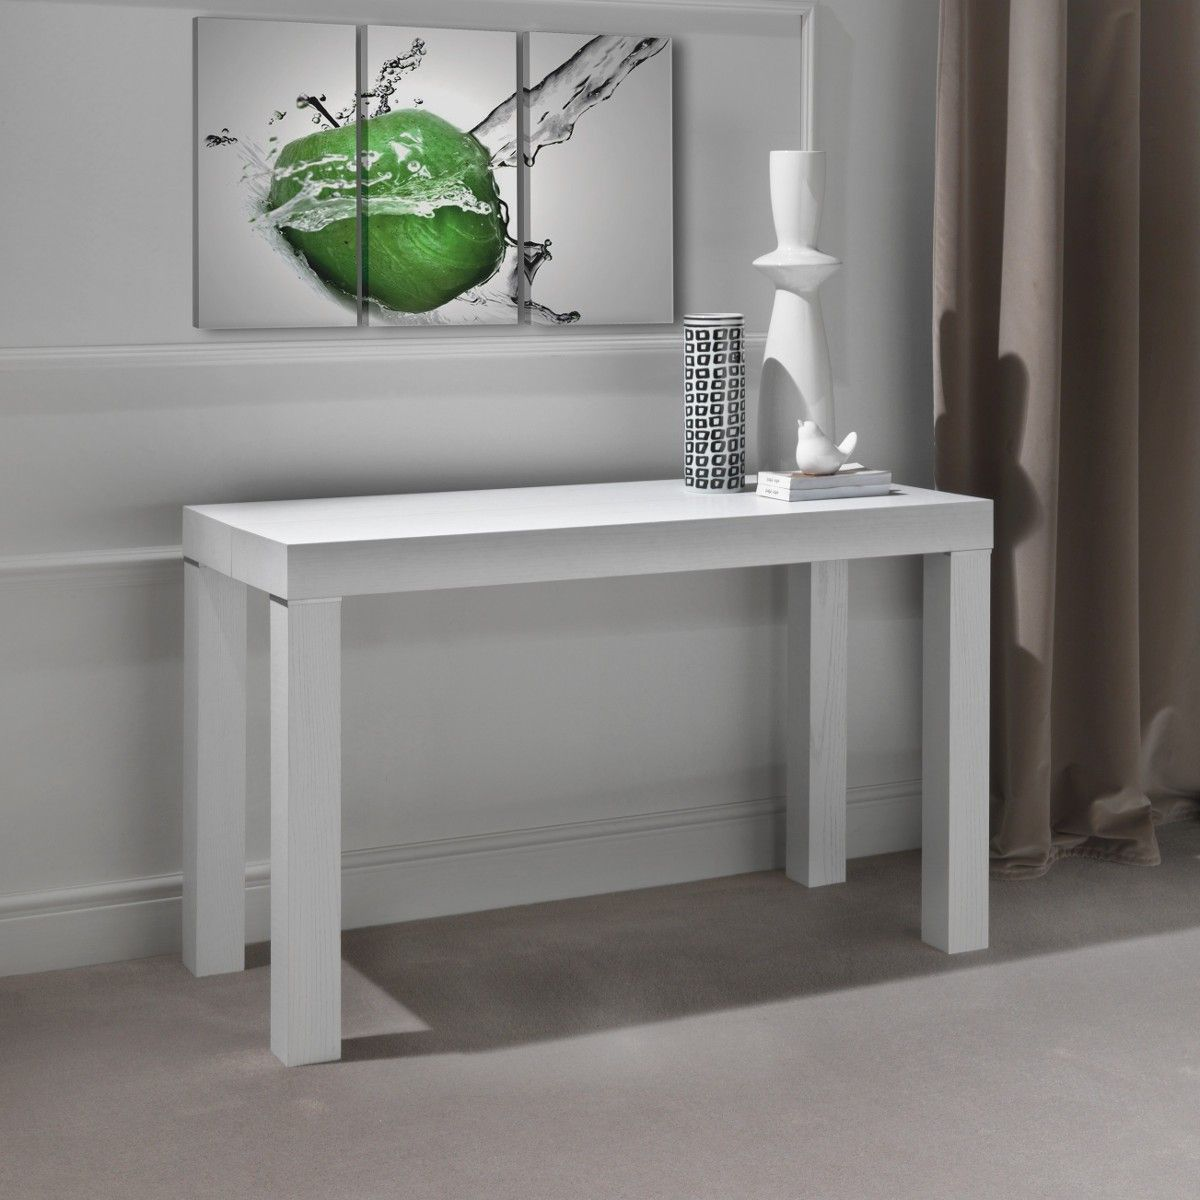 Rapida+consolle+allungabile+in+tavolo+design+moderno+120+x+300+cm ...